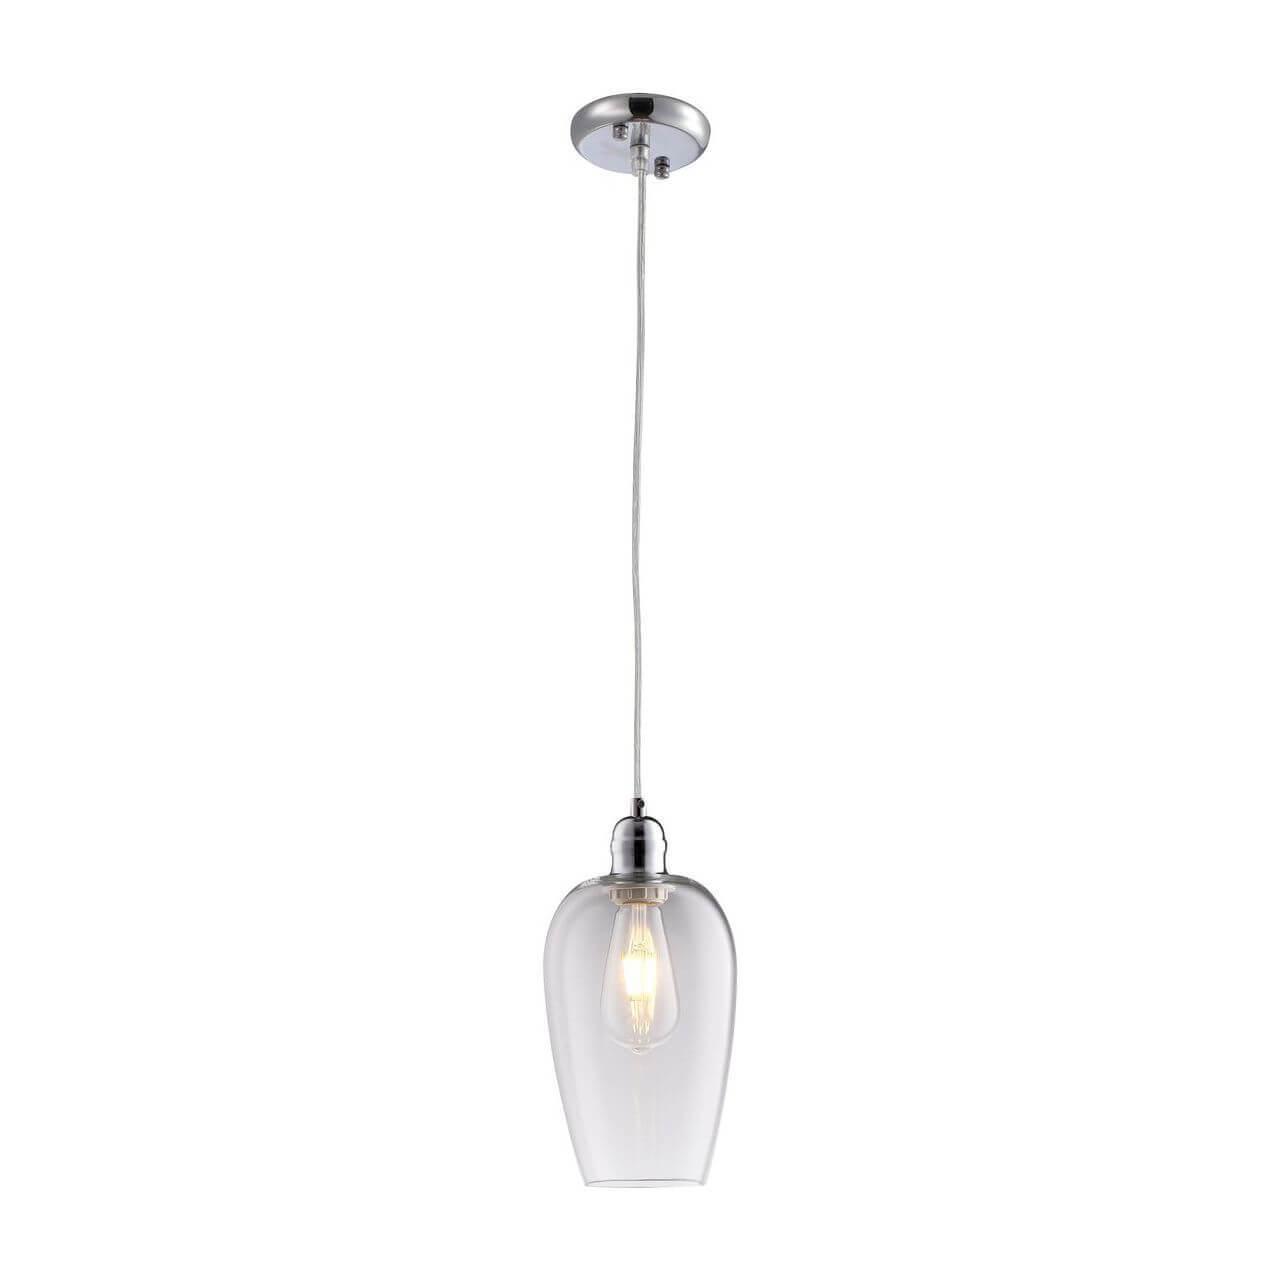 Подвесной светильник Arte Lamp A9291SP-1CC подвесной светильник коллекция rimini a1091sp 1cc хром прозрачный arte lamp арте ламп